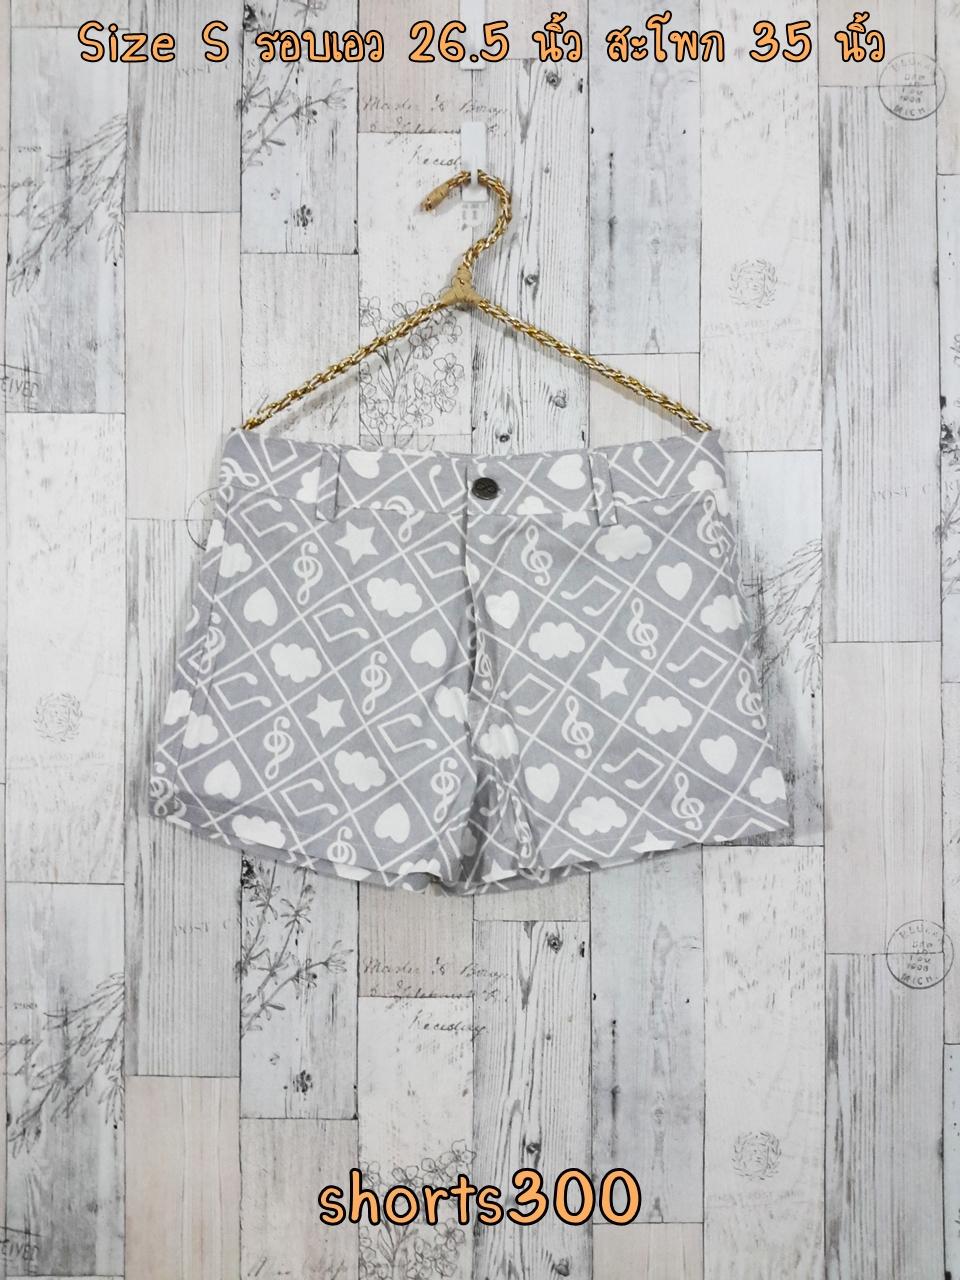 Shorts300 กางเกงขาสั้นซิปหน้า ผ้ายีนส์นิ่มลายตัวโน้ตเมฆดาวโทนสีขาวเทา งานน่ารัก แมทช์กับเสื้อได้หลายแบบ